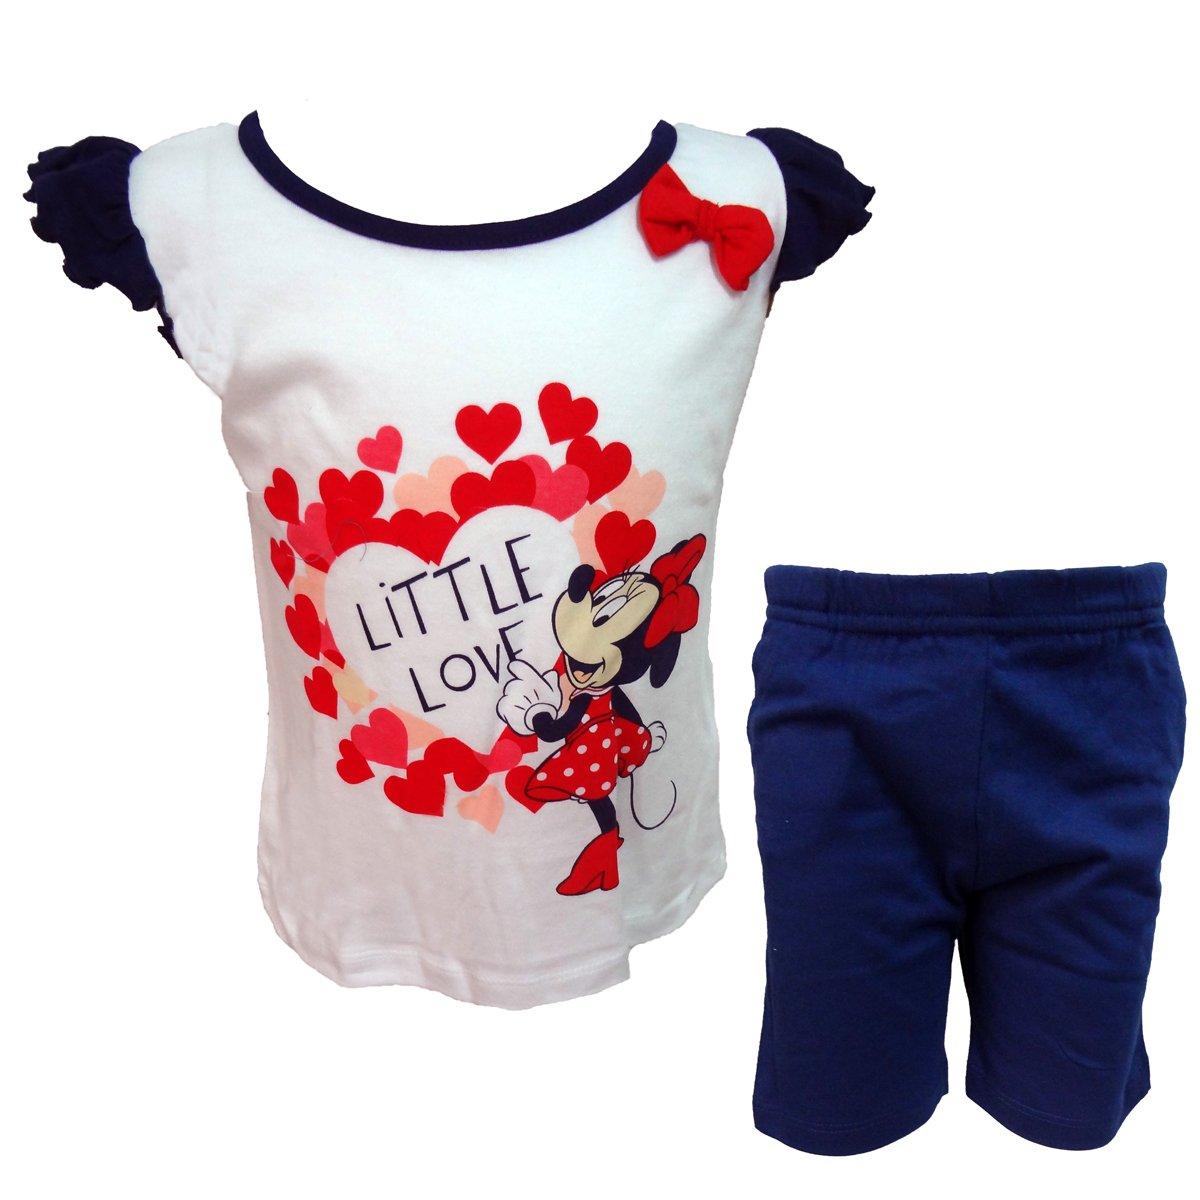 Disney completo neonata spalla larga pantaloncino MINNIE nuova collezione art. WD101319